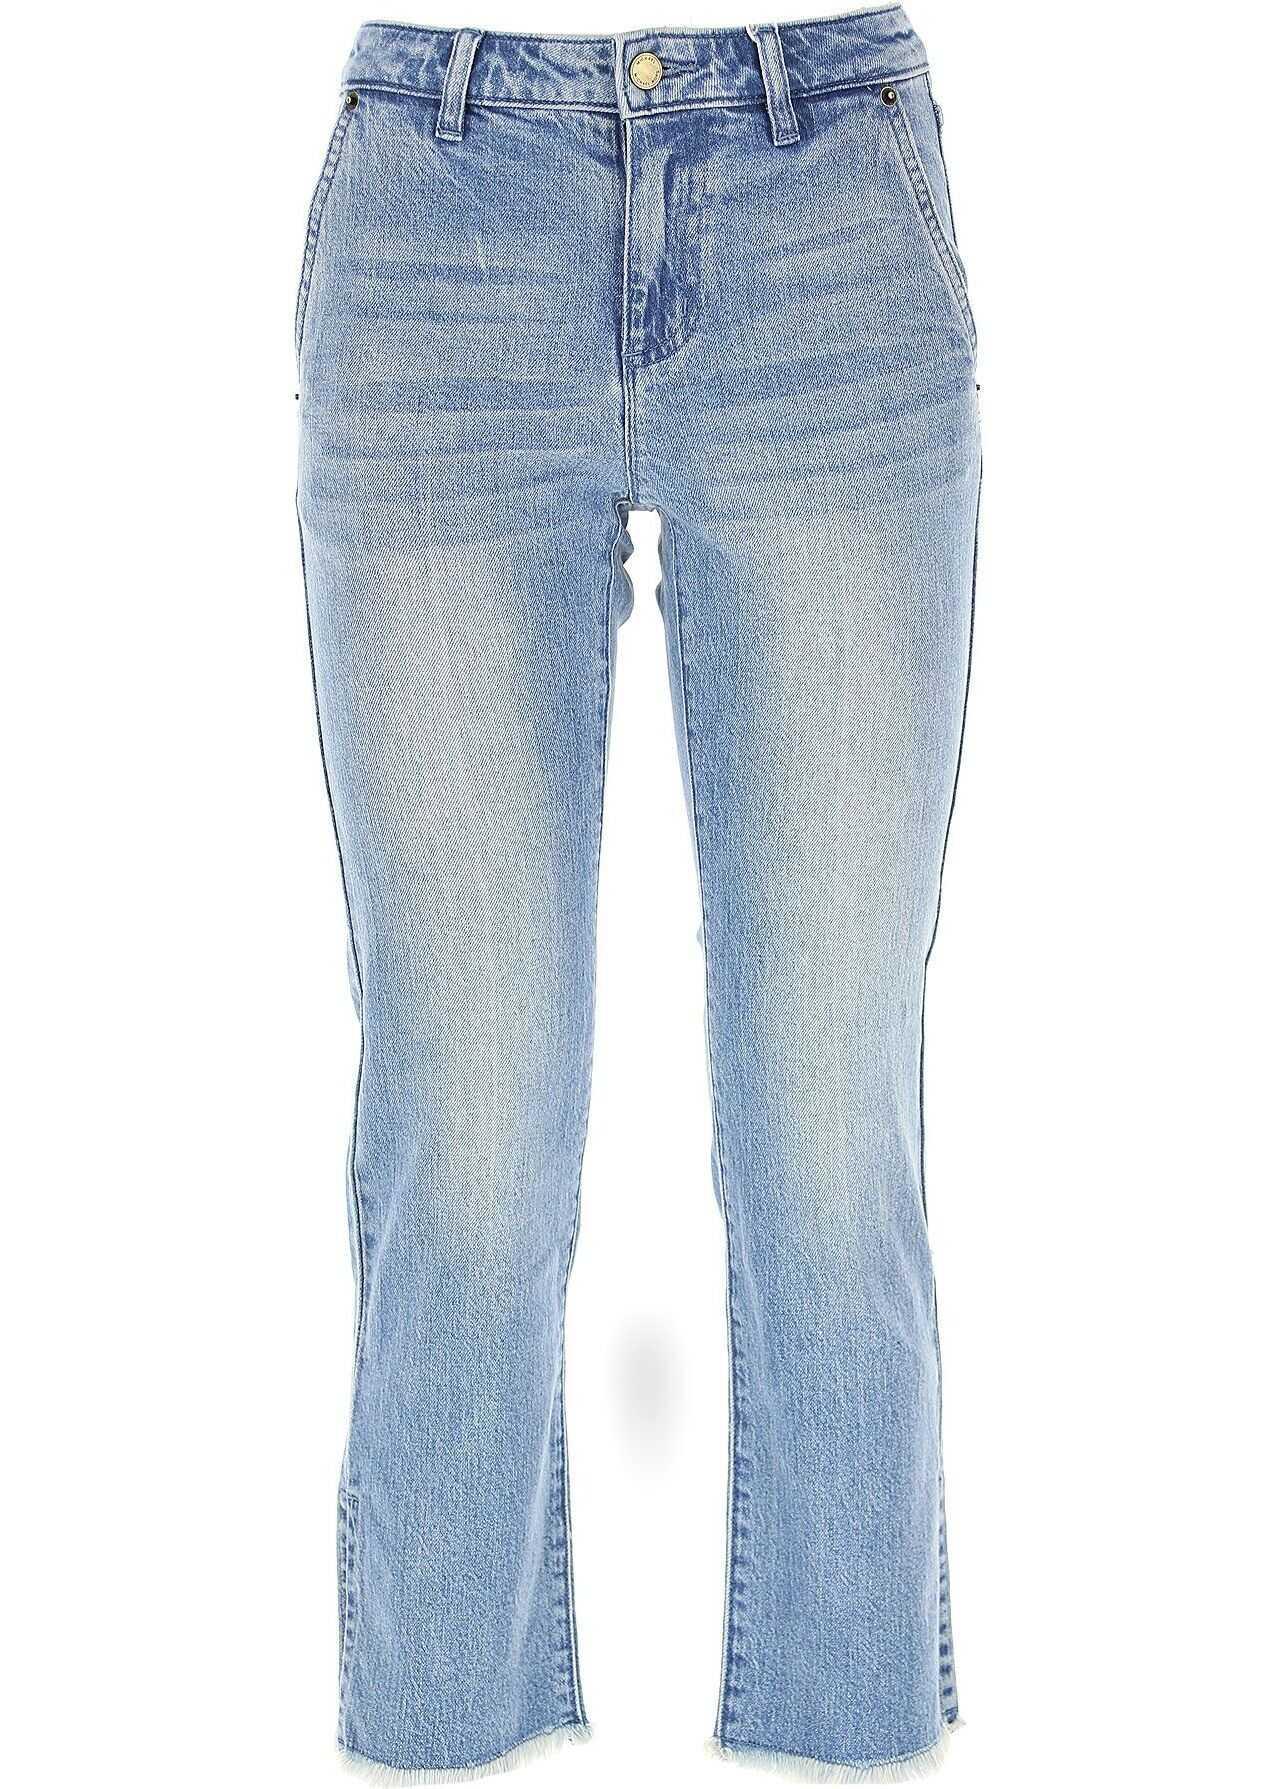 Michael Kors Cotton Jeans LIGHT BLUE